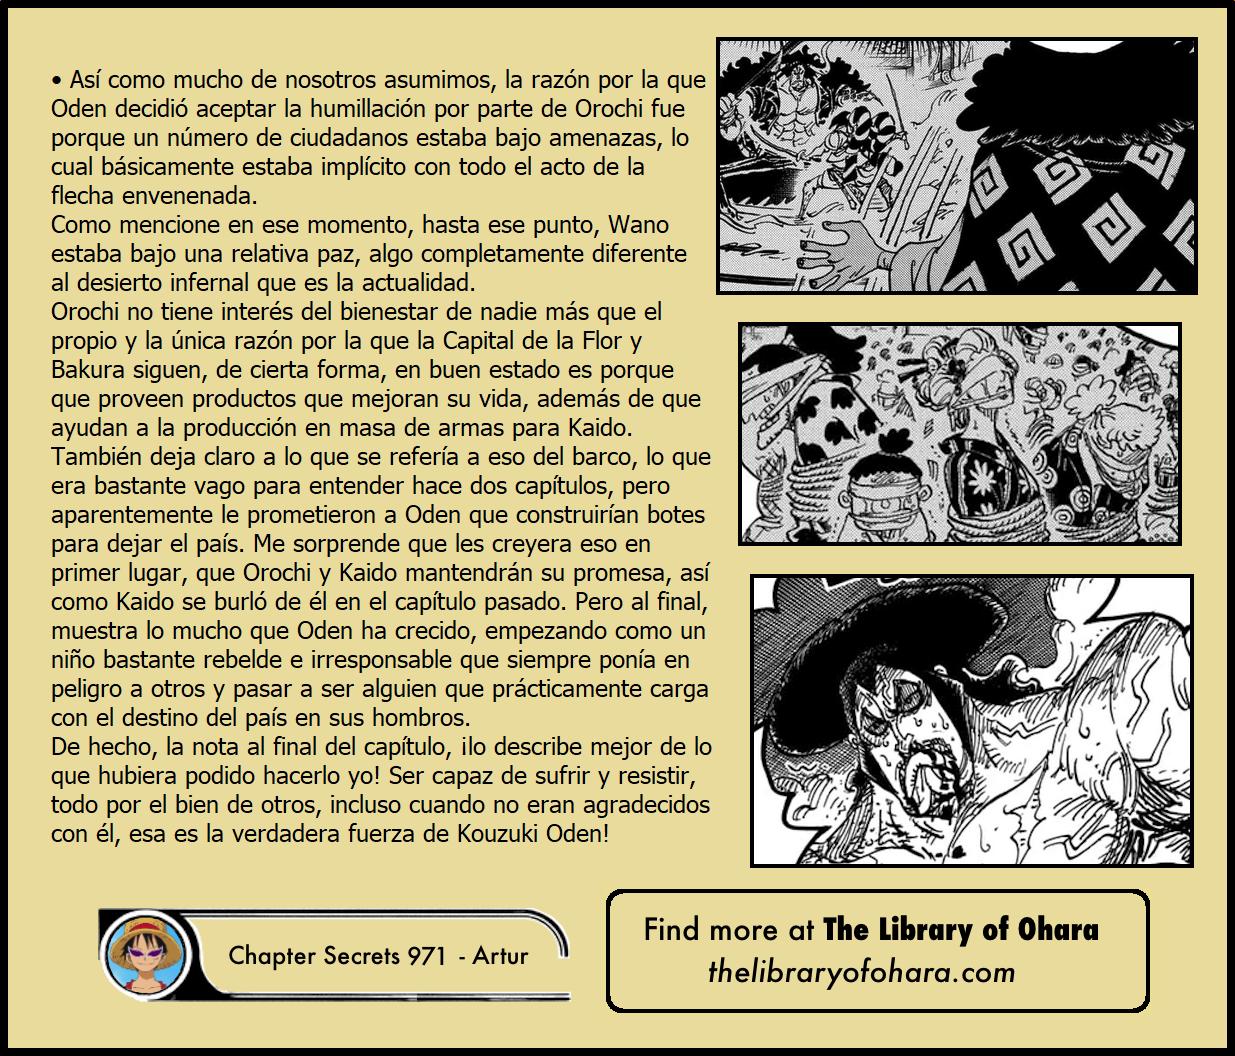 Secretos & Curiosidades - One Piece Manga 971 06